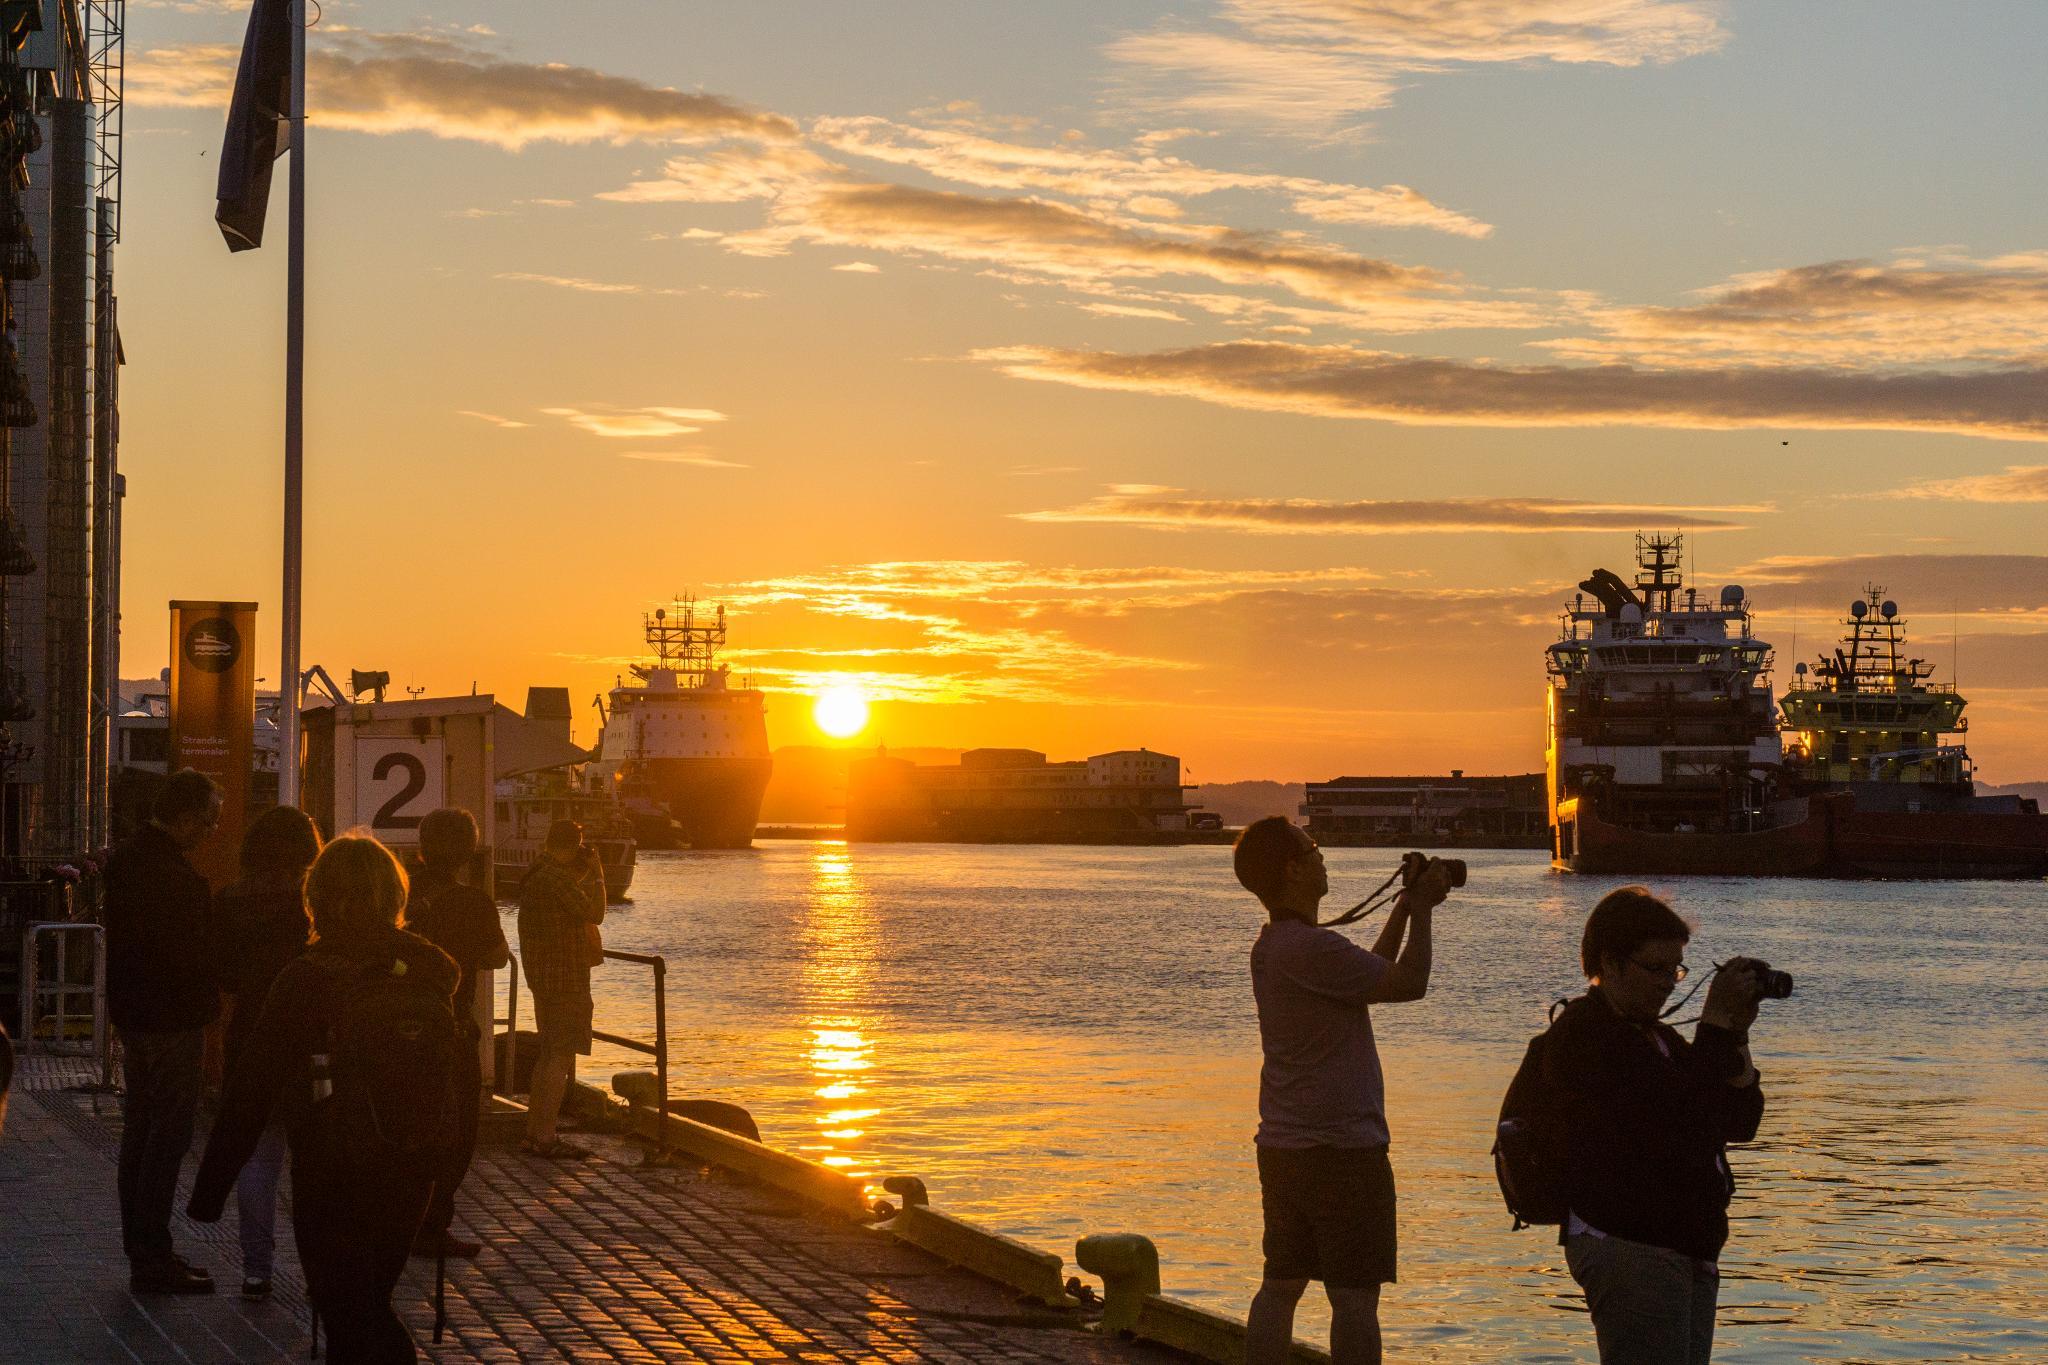 【卑爾根】Fløyen 佛洛伊恩山纜車與觀景台 — 擁抱文化港都的百萬美景 112